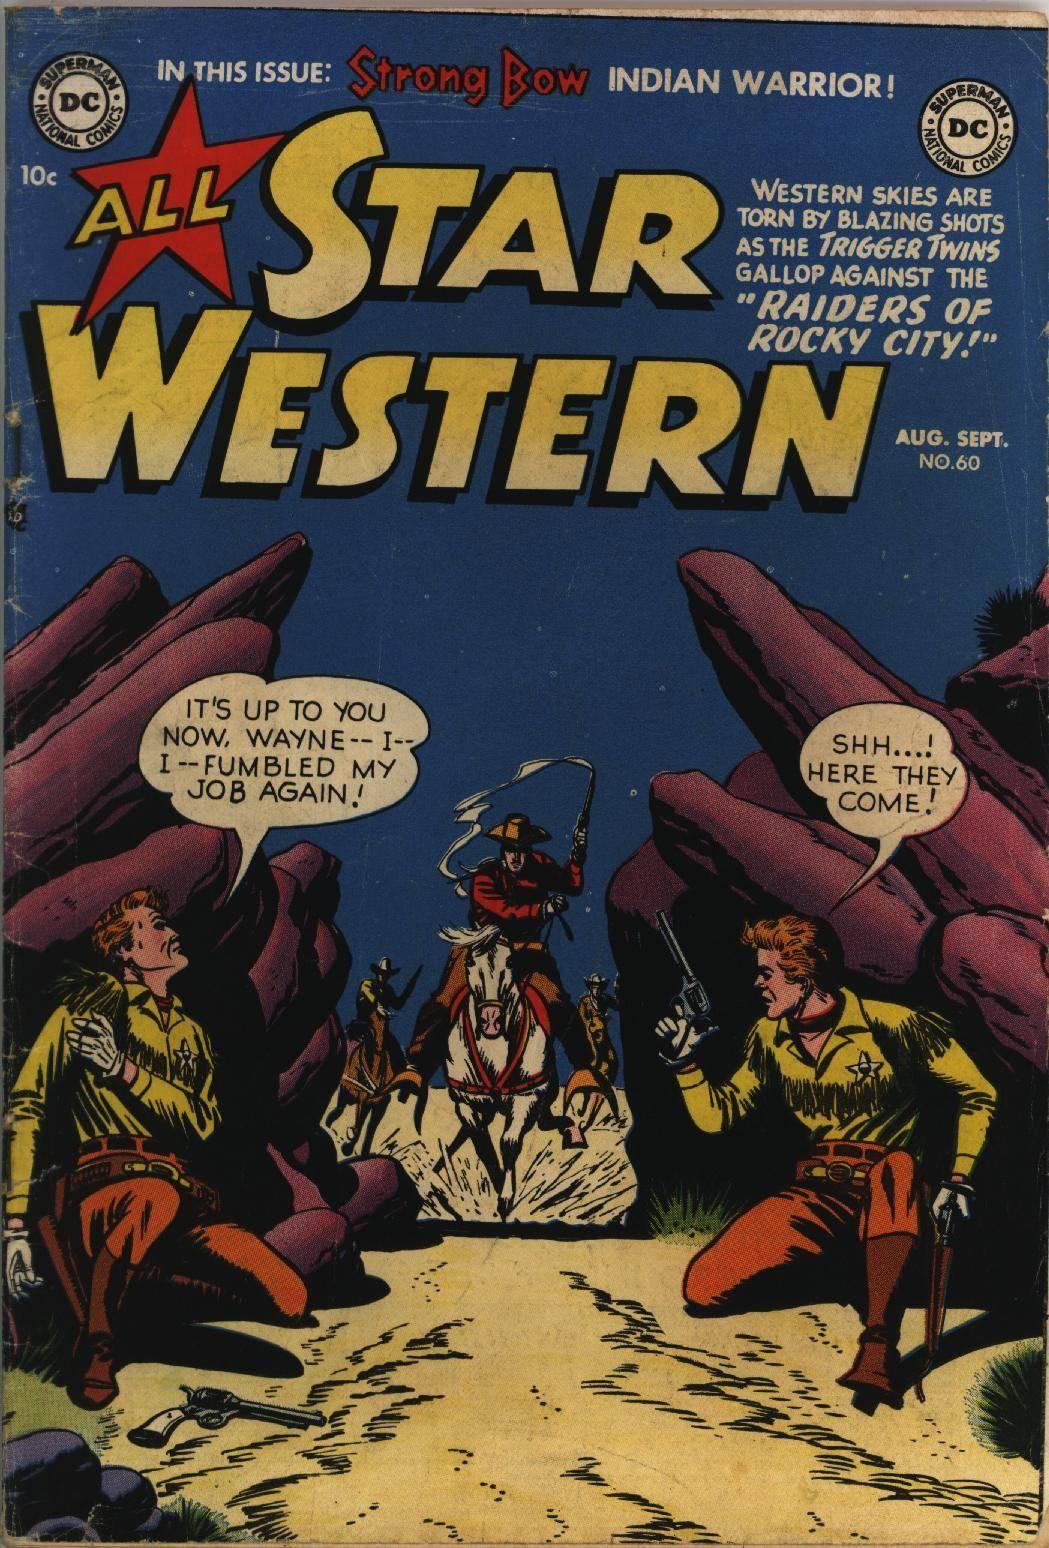 Star Western v1 060 1951